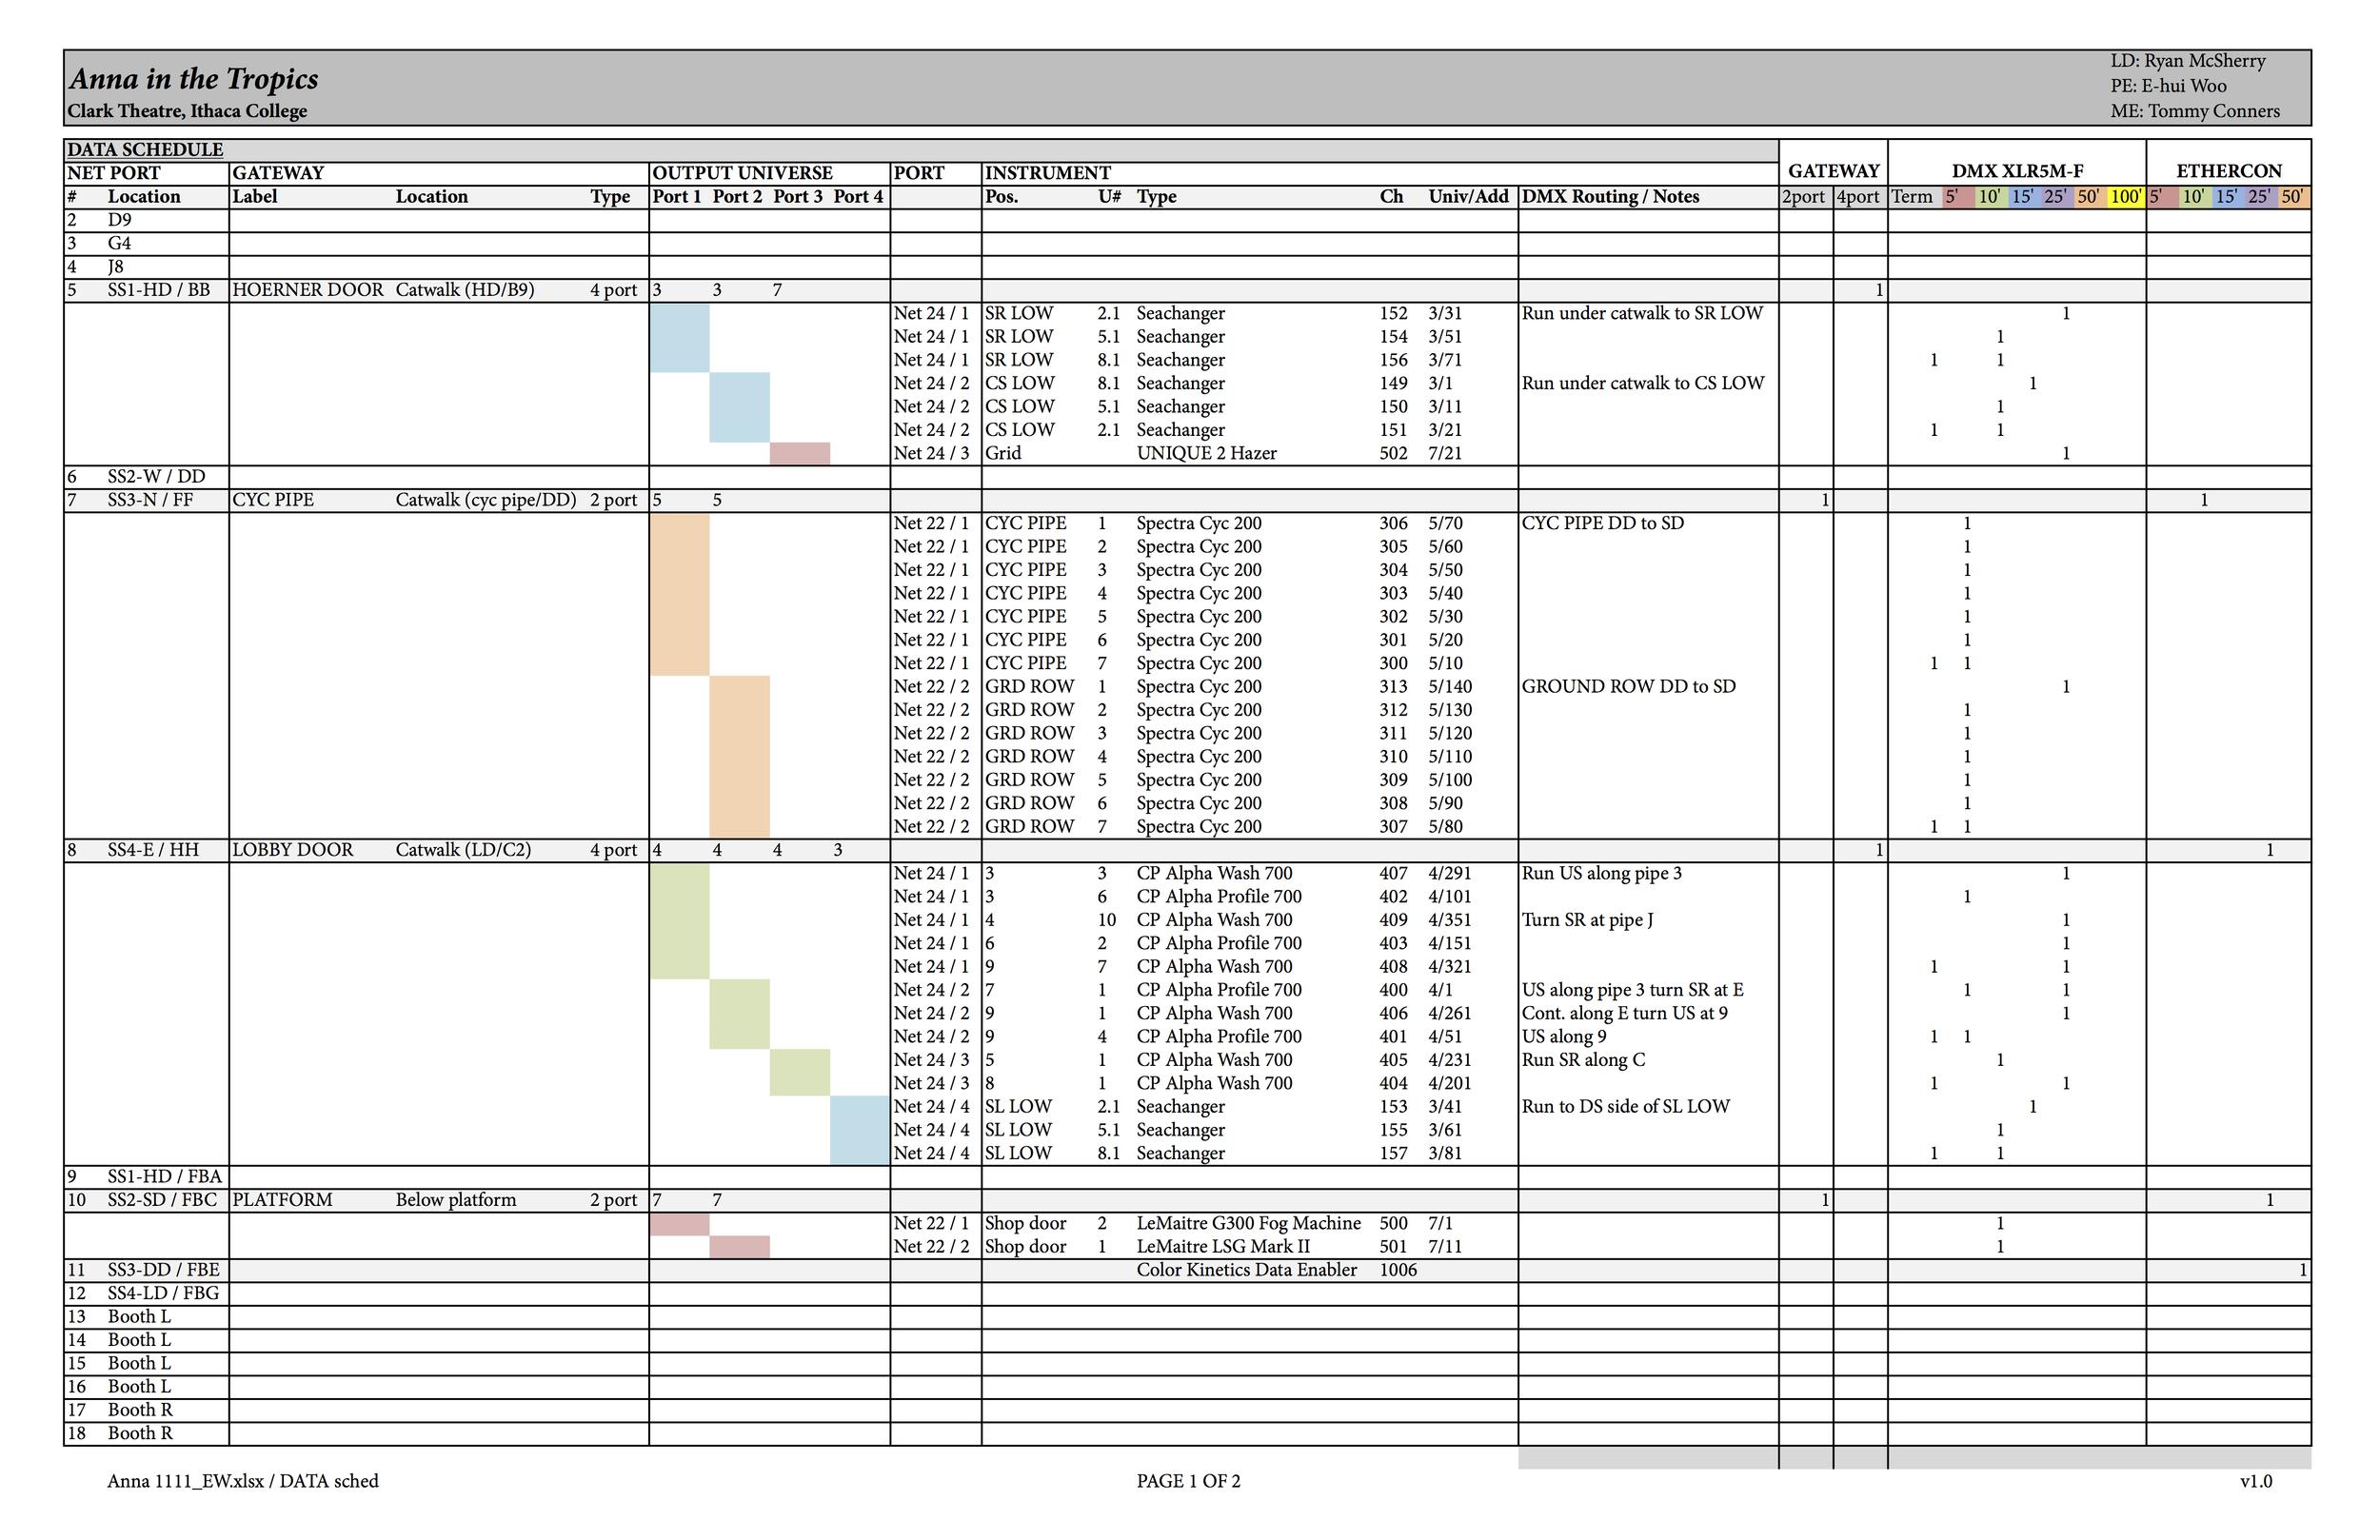 Anna in the Tropics - data schedule